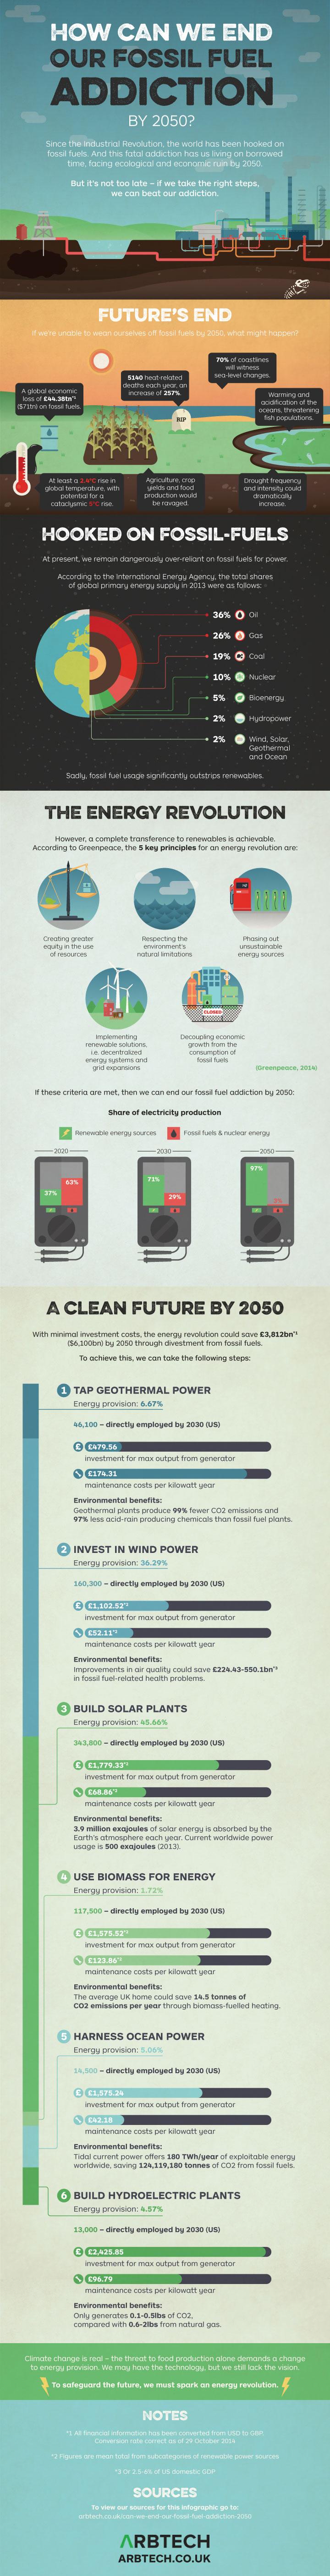 Energy Efficiency is key!